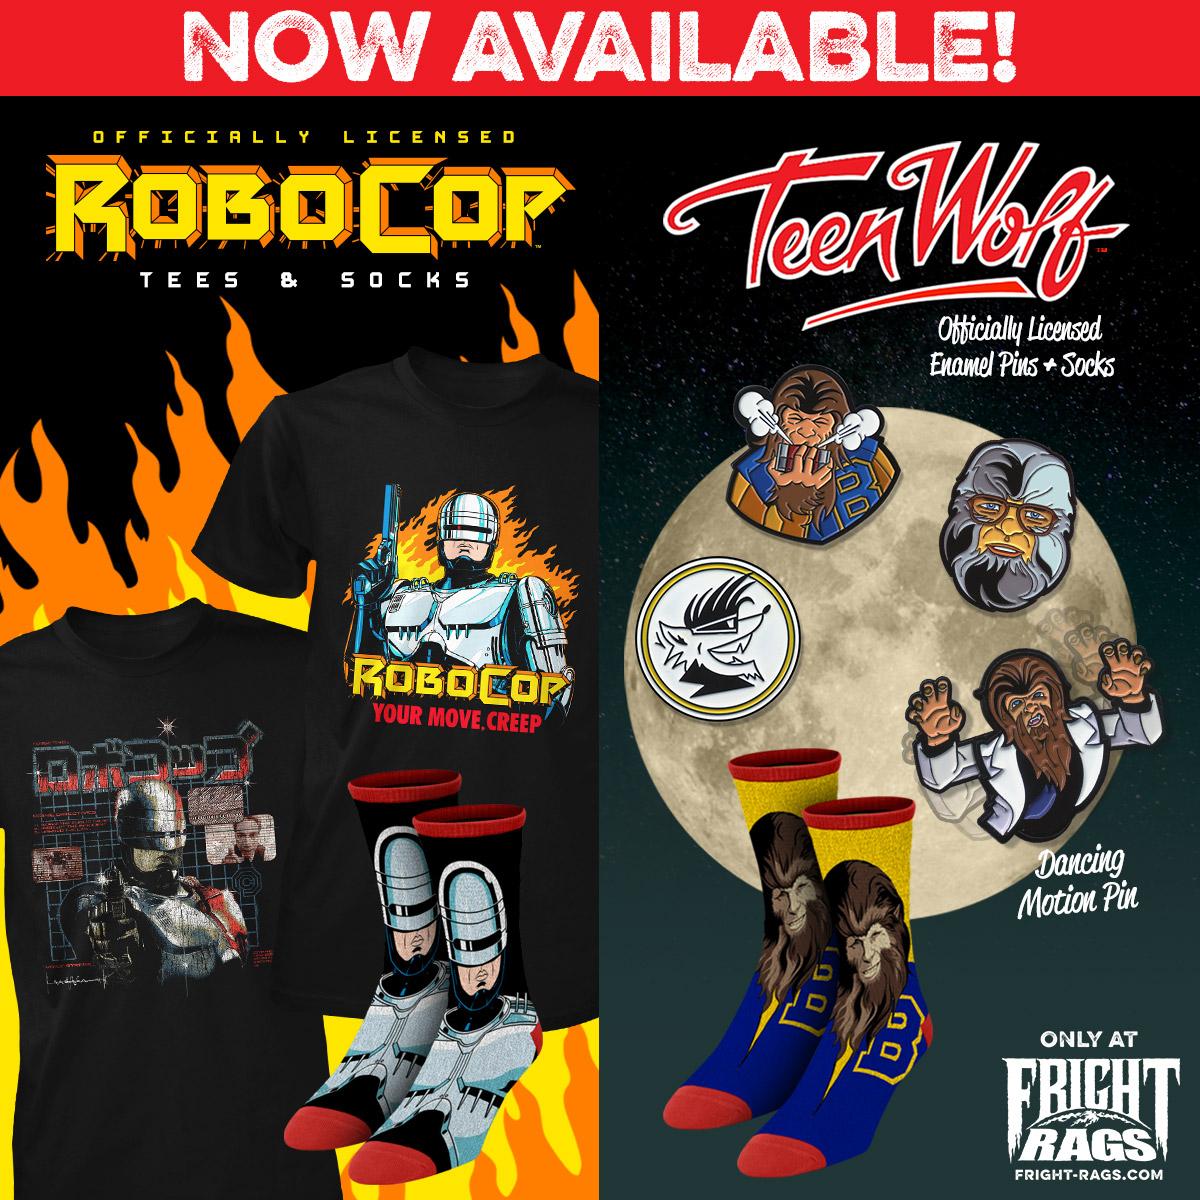 0119-Robocop-Teen-Wolf-FrightRags.jpg